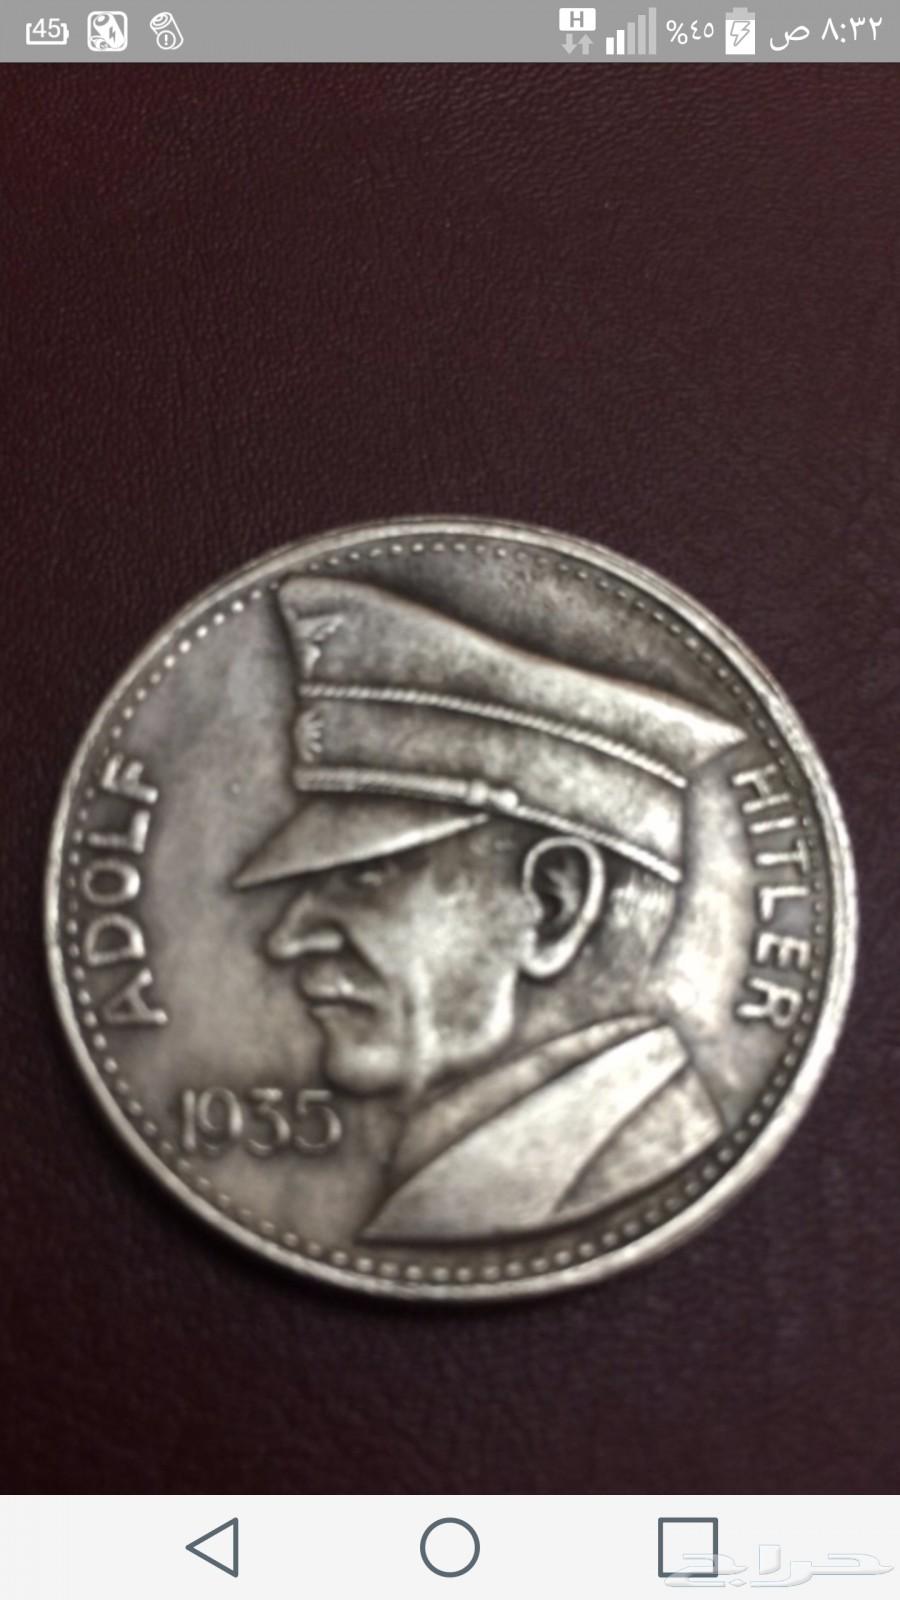 للبيع 3 عملات اثريه لعهد النازيه هتلر